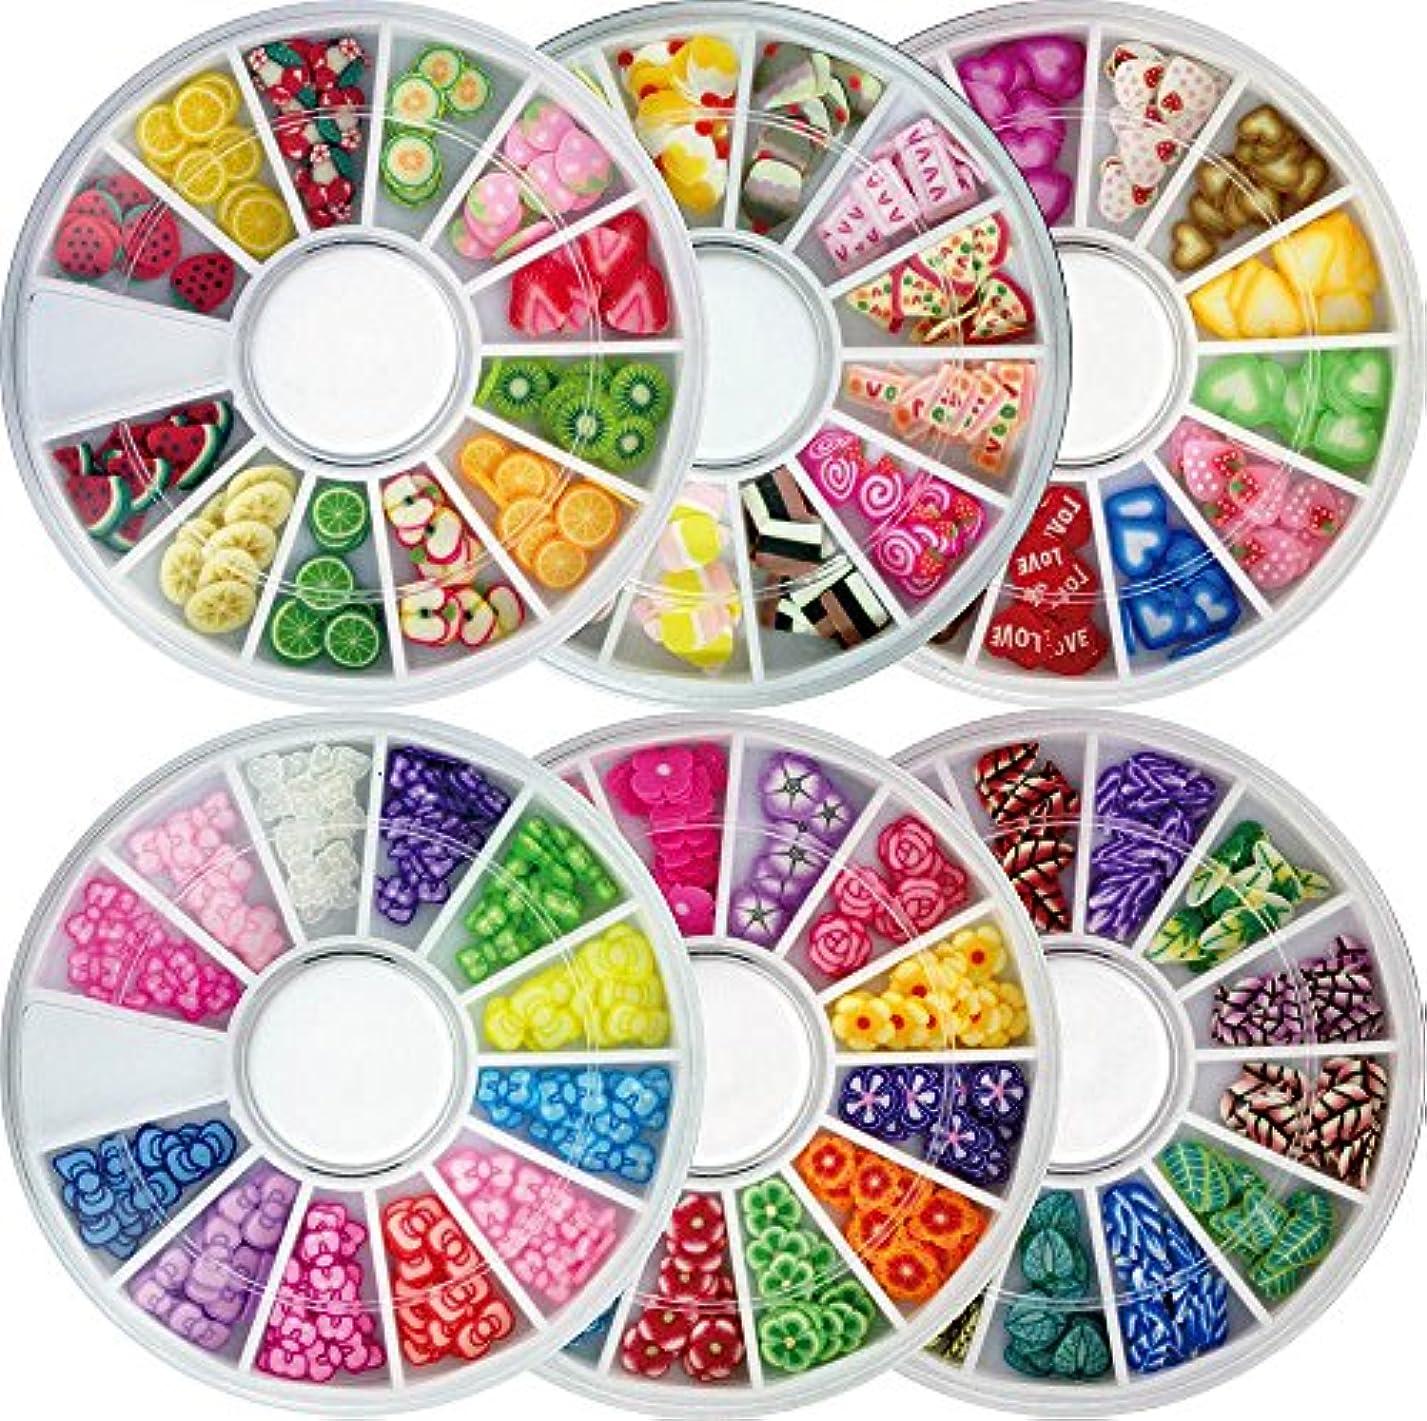 アスレチック接地切手スライスパーツ 72種類限定 スライドケース入 6個/セット